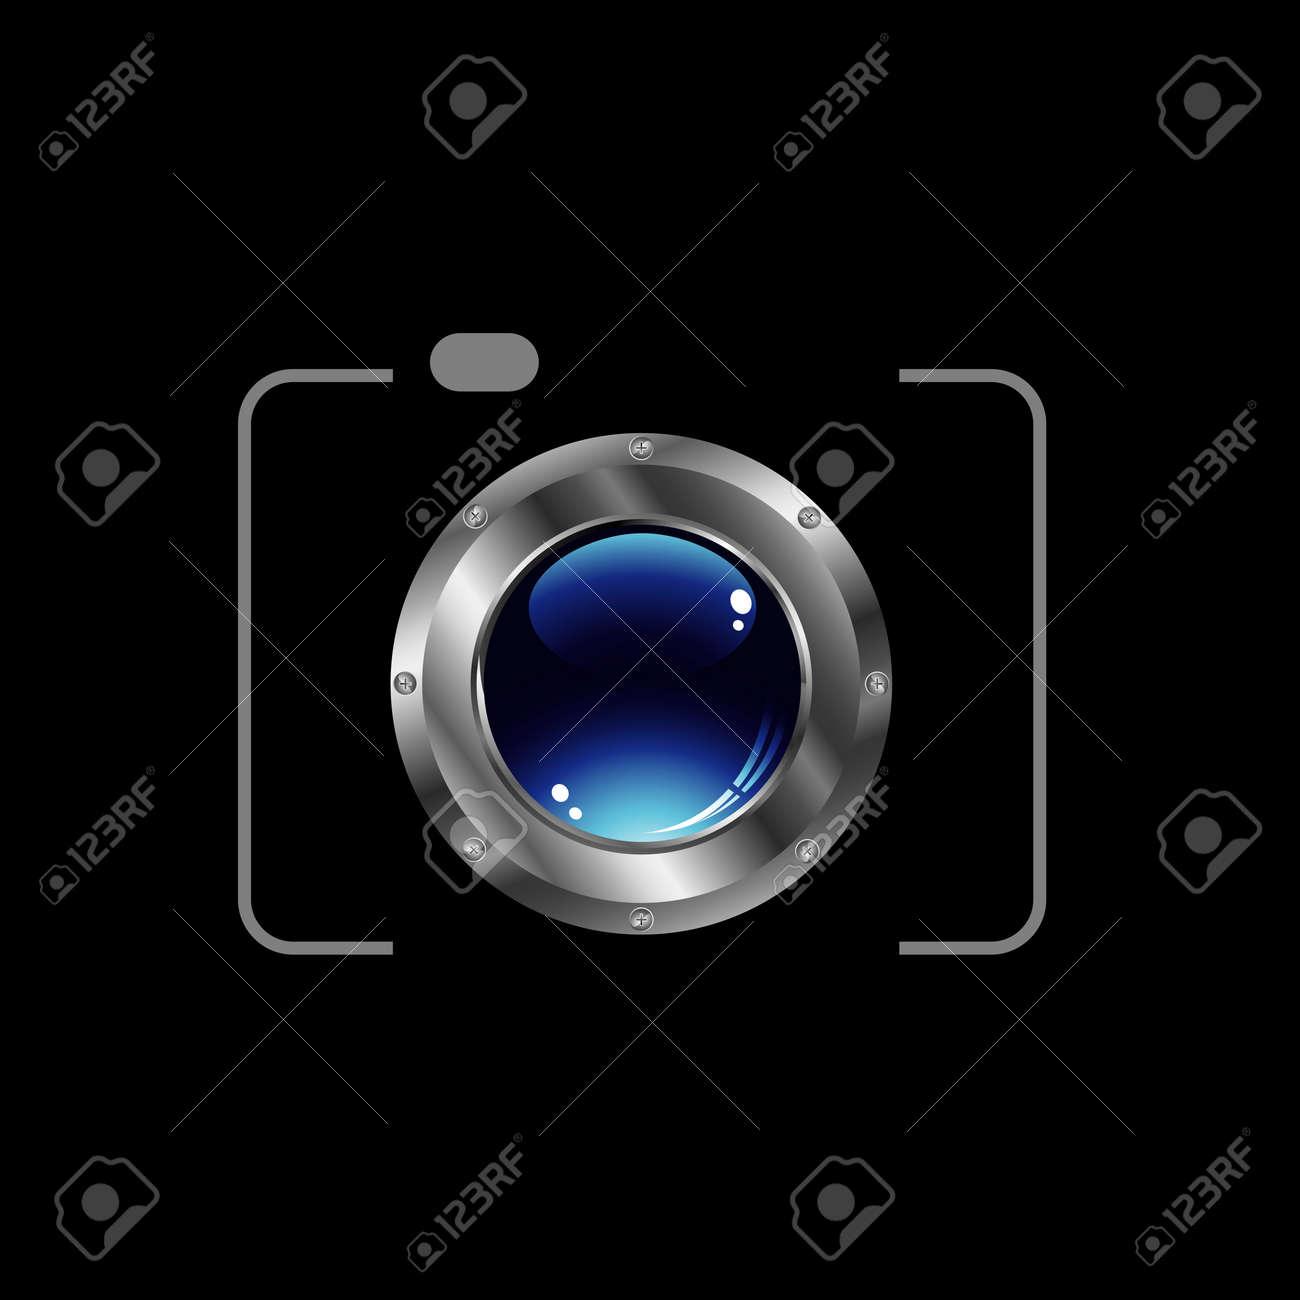 digital camera - 19338326